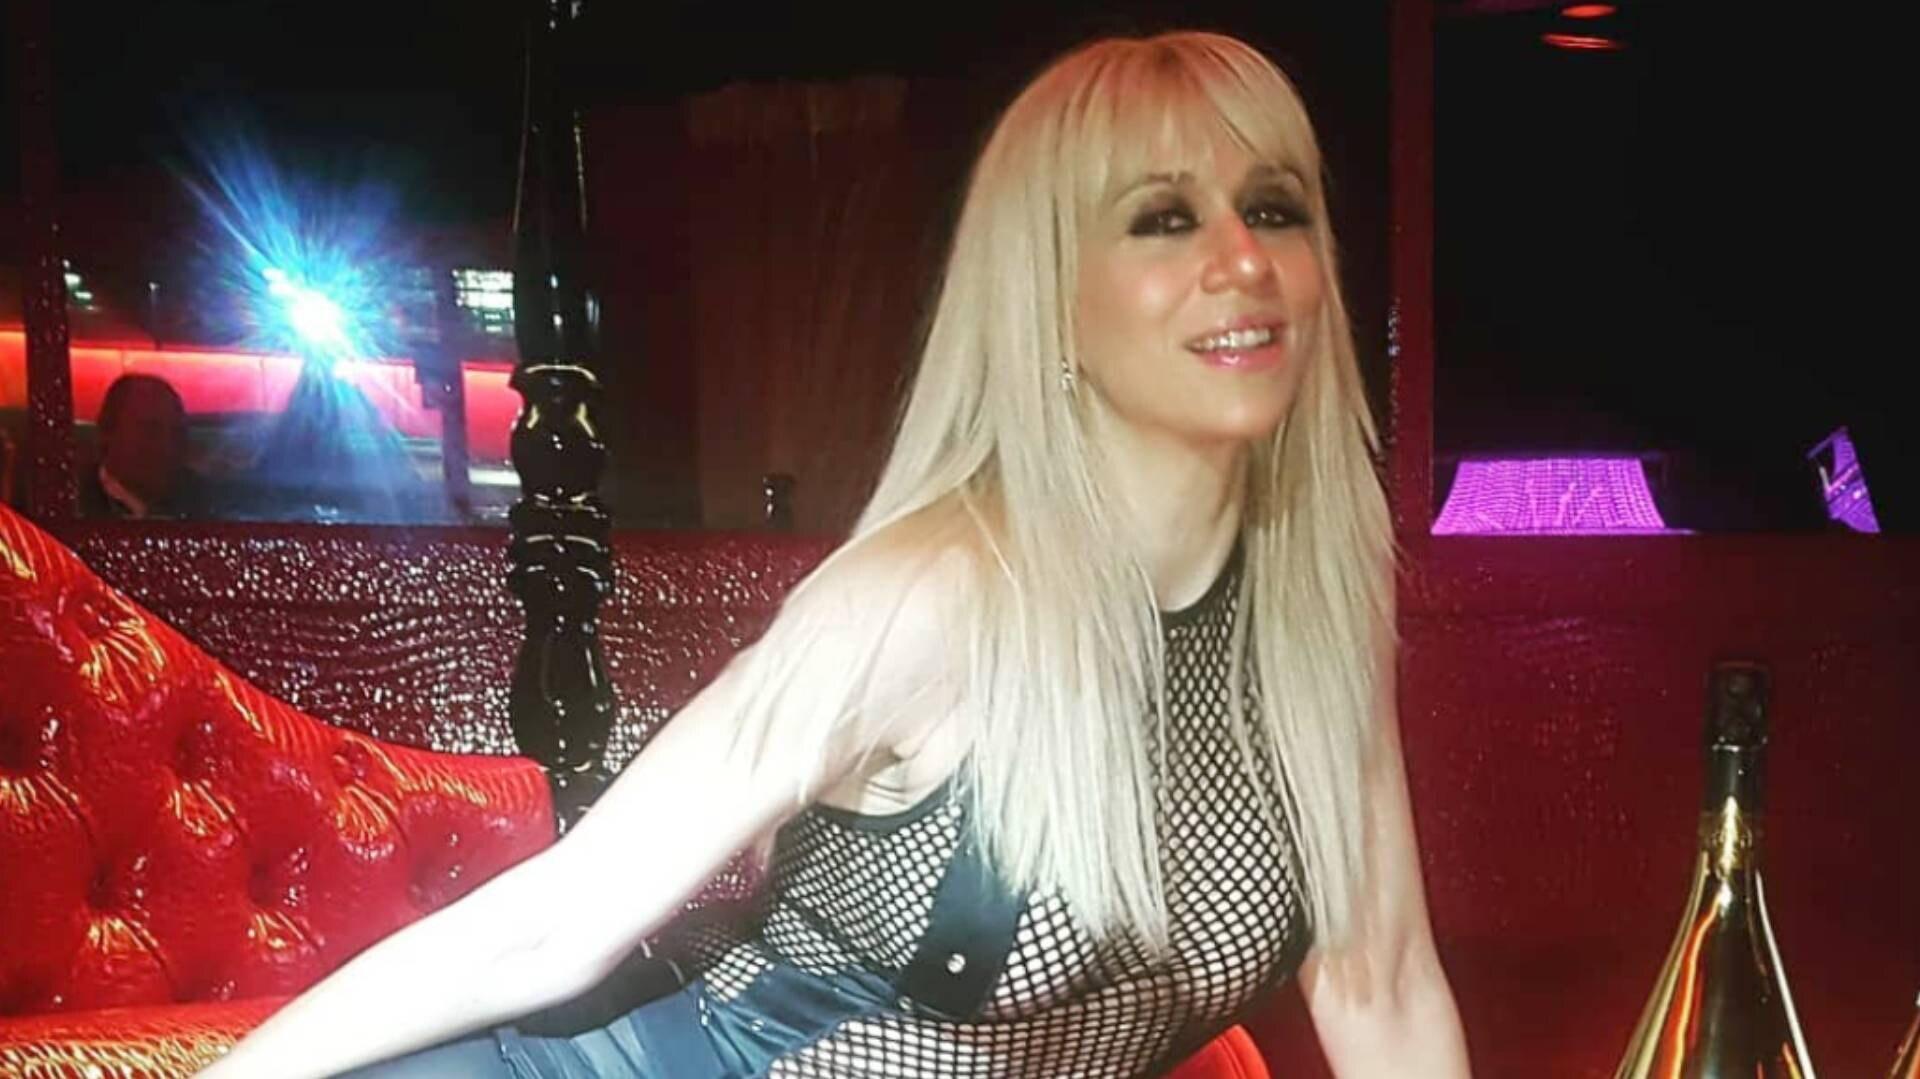 Actriz Porno Del Betis noelia abrió a toda latinoamérica la preventa para disfrutar